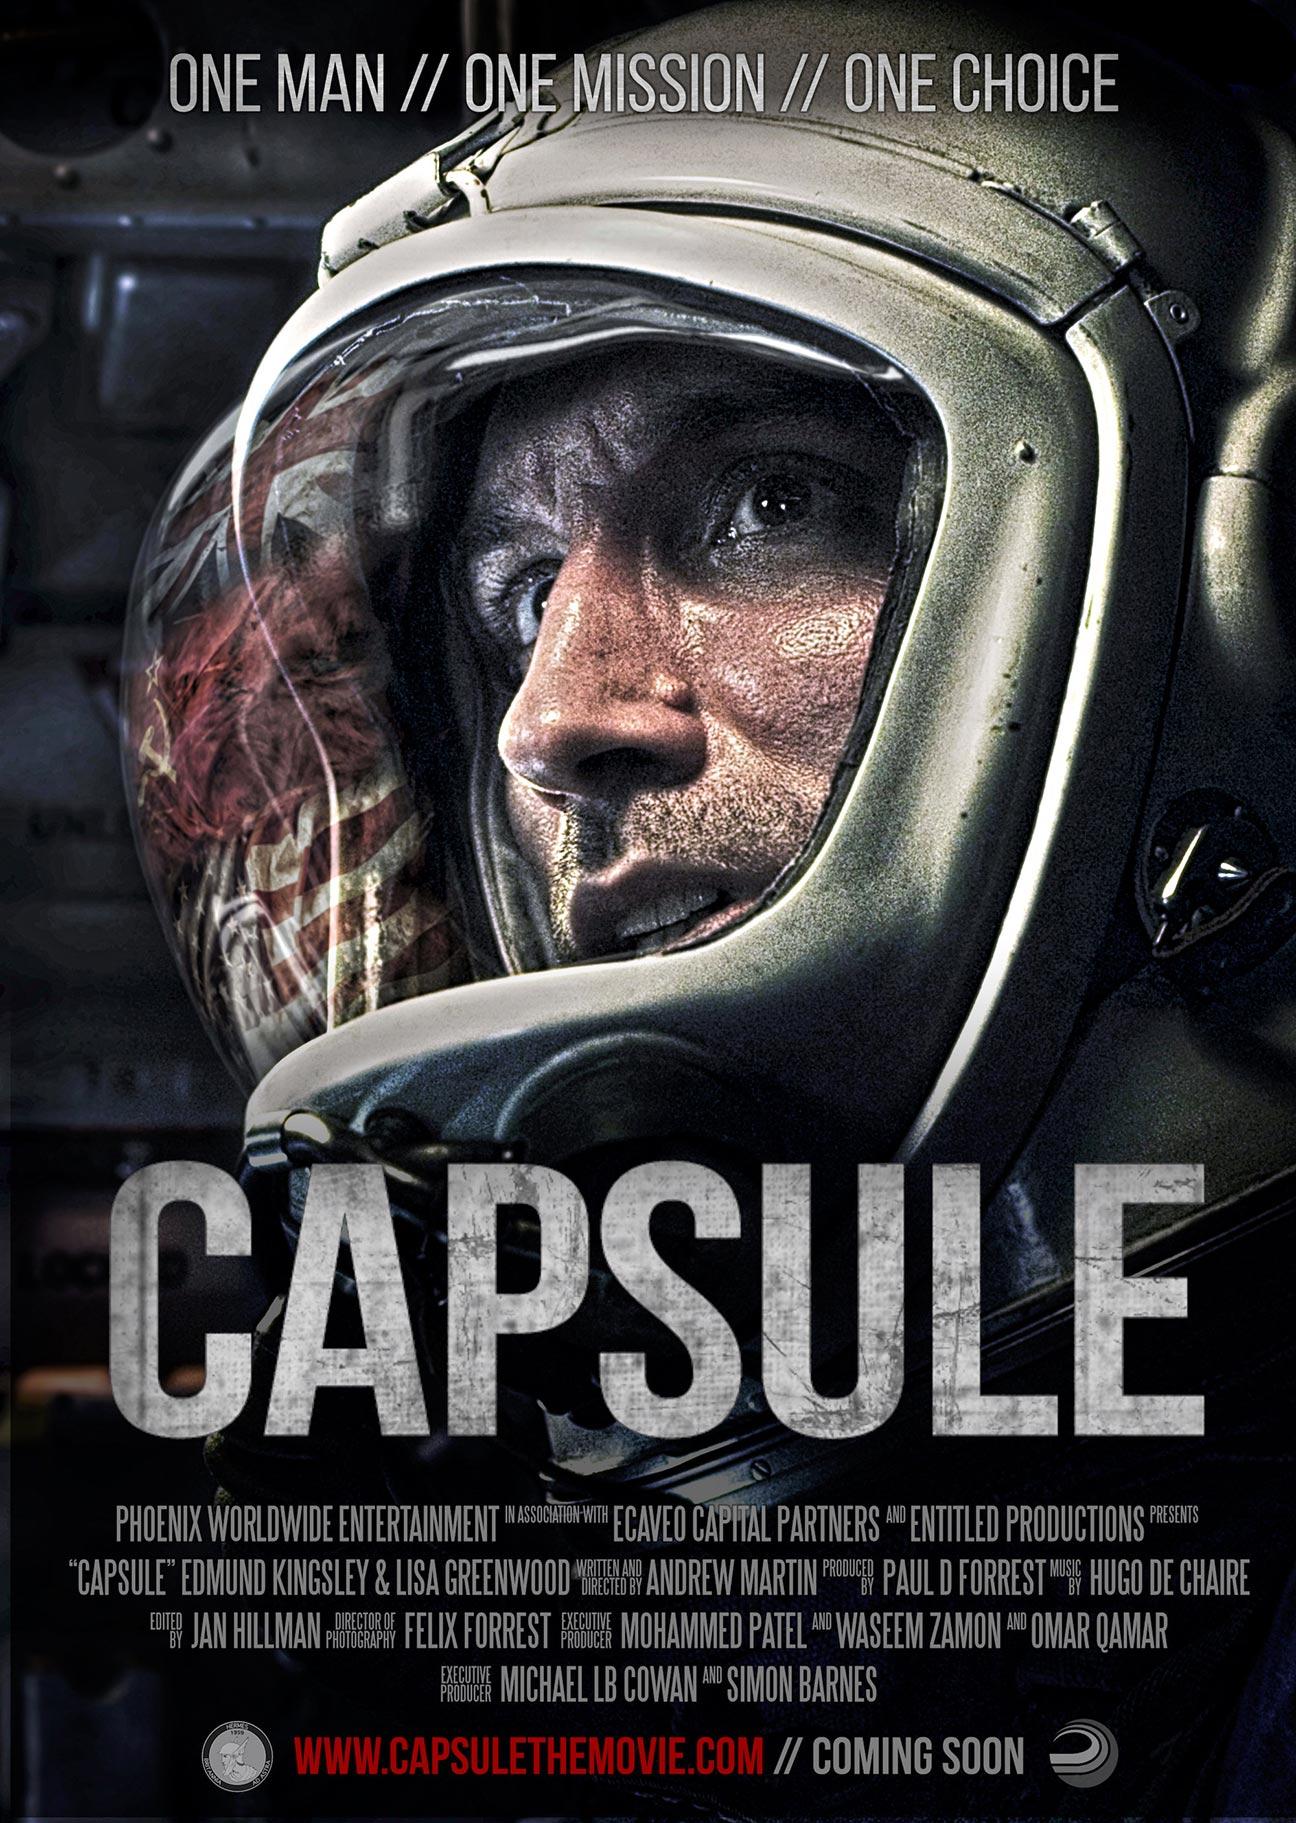 Capsule Poster #1